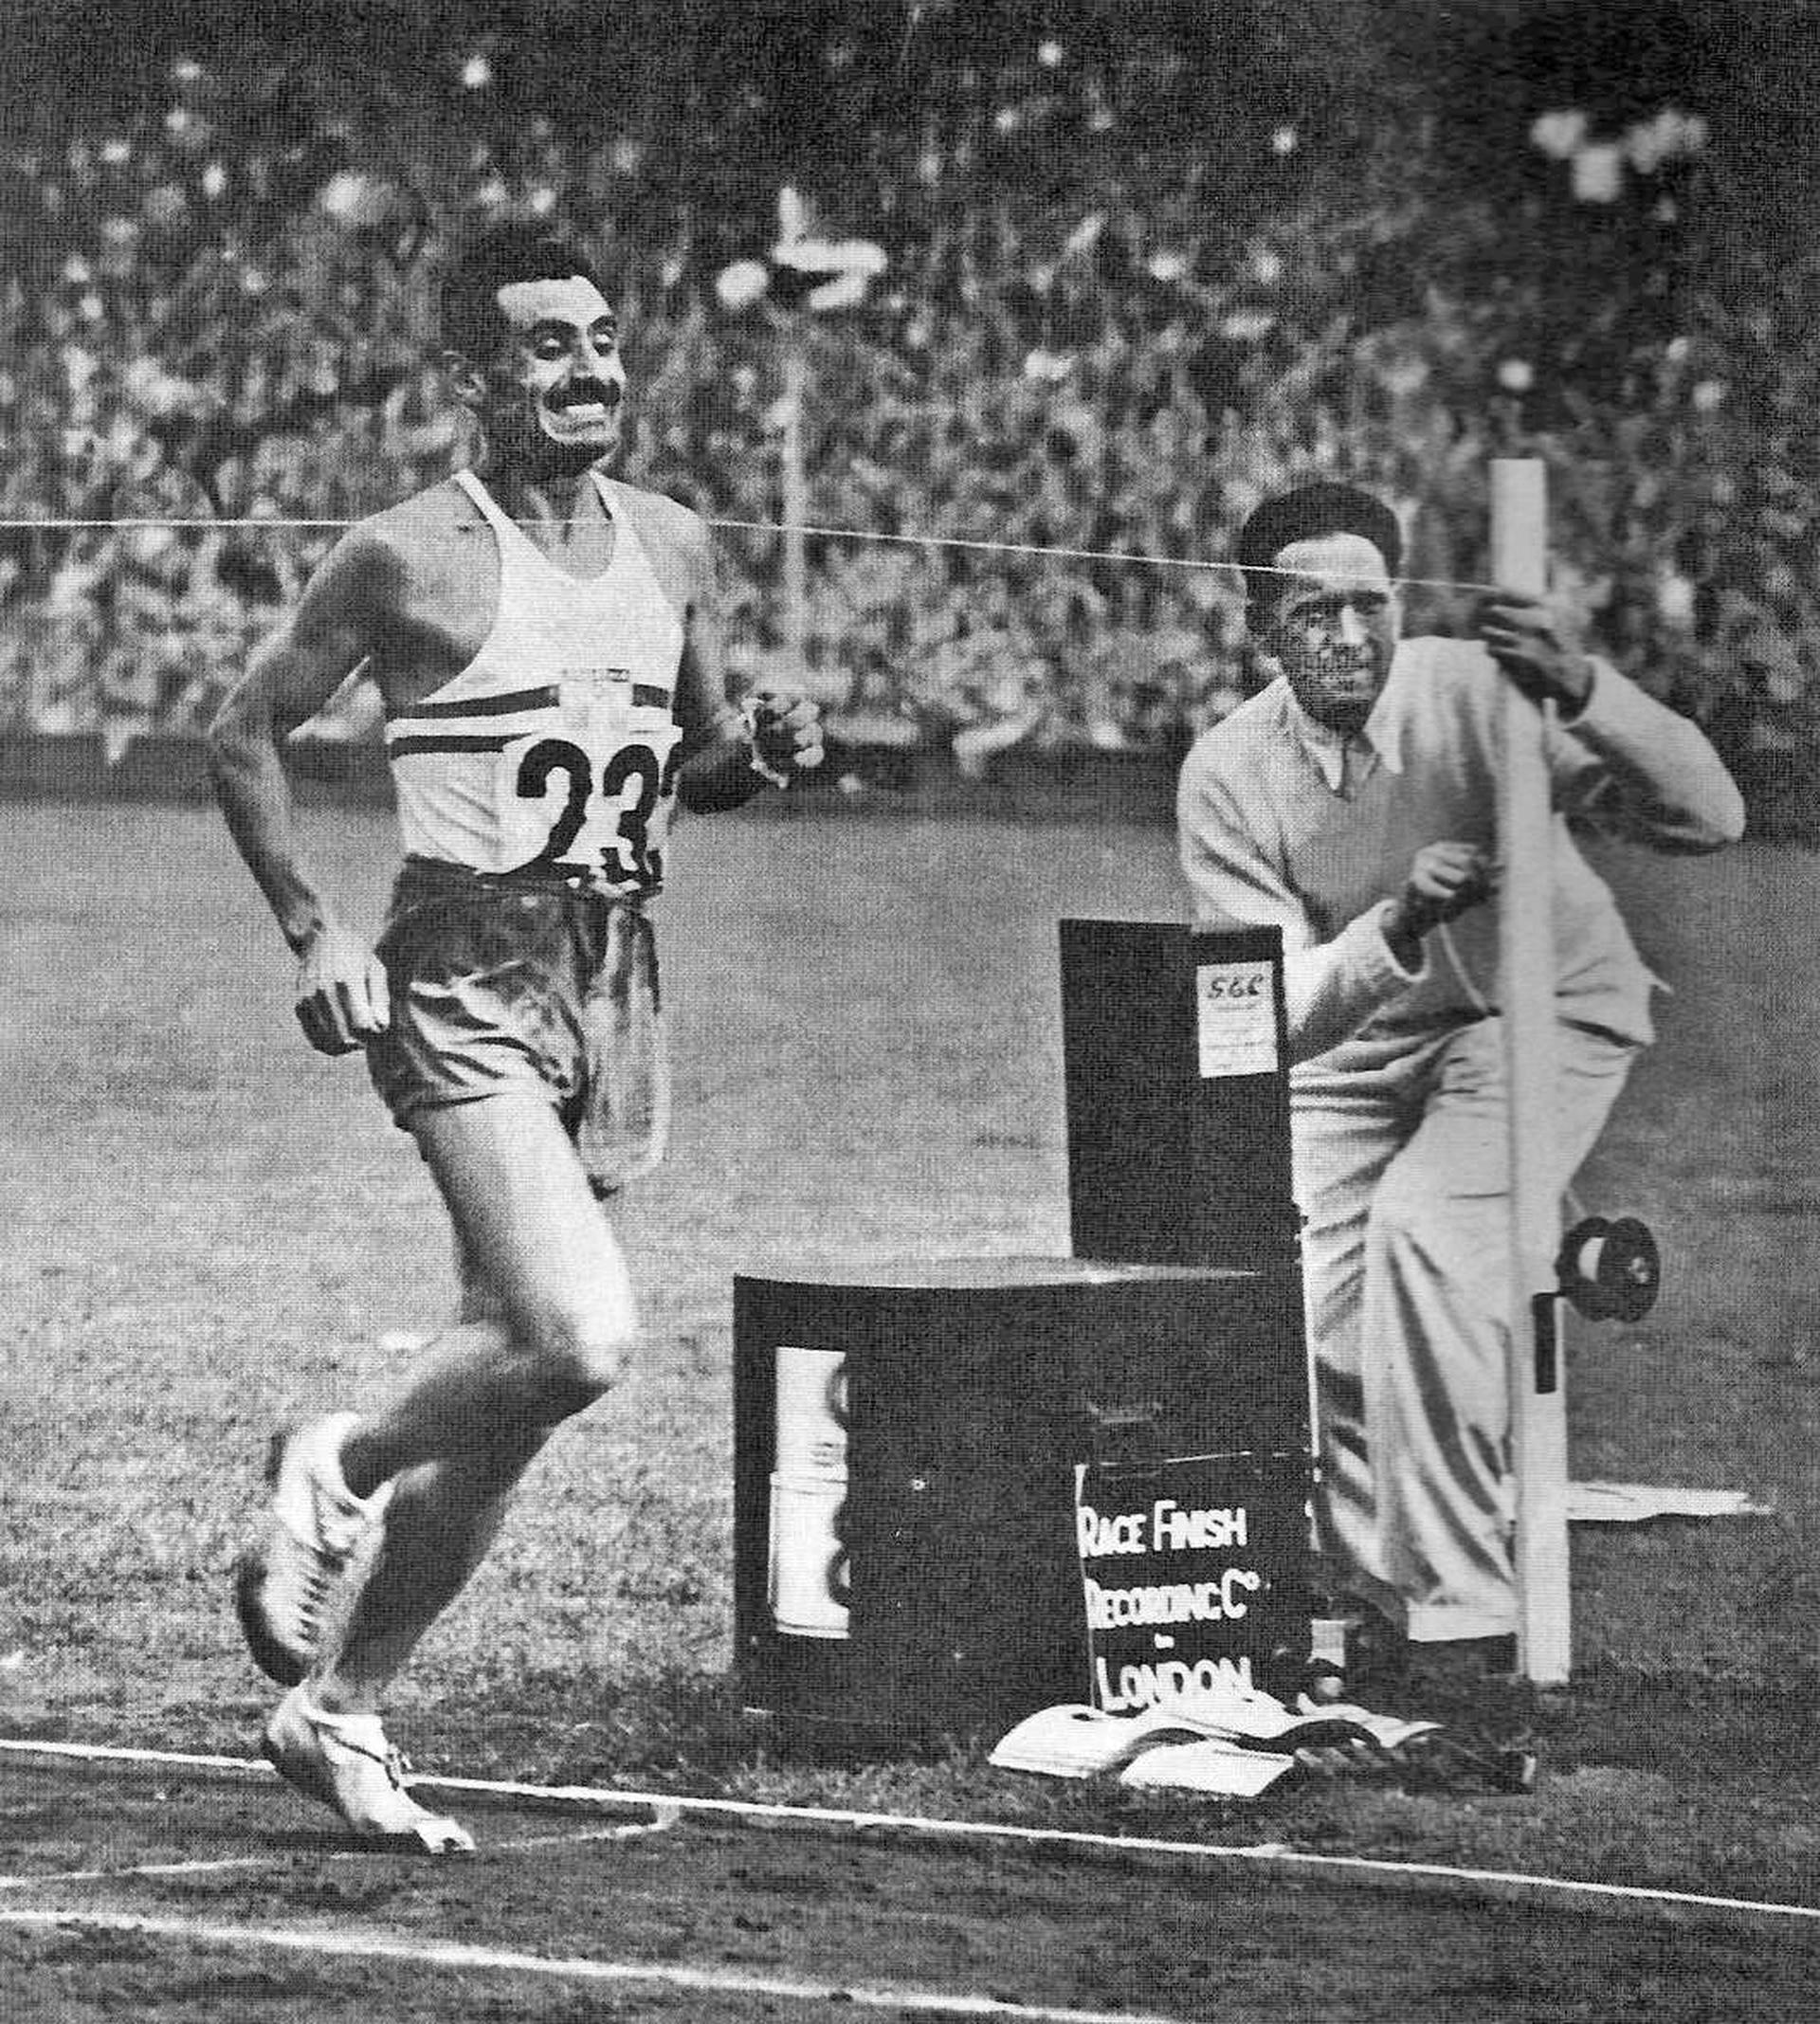 El bombero Delfo Cabrera cruza la meta en primer lugar. Obtuvo la medalla dorada en la Maratón.